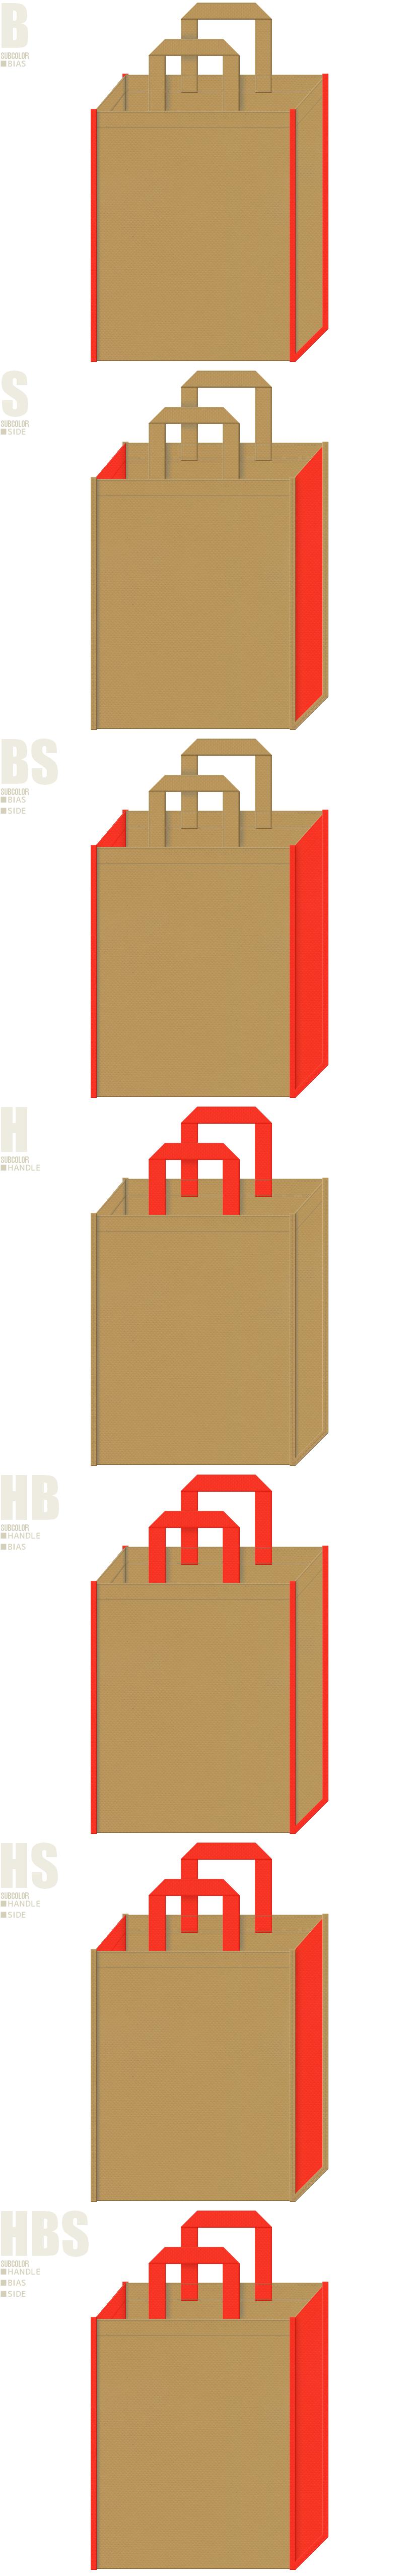 金色系黄土色とオレンジ色、7パターンの不織布トートバッグ配色デザイン例。キッチン用品・什器の展示会用バッグにお奨めです。